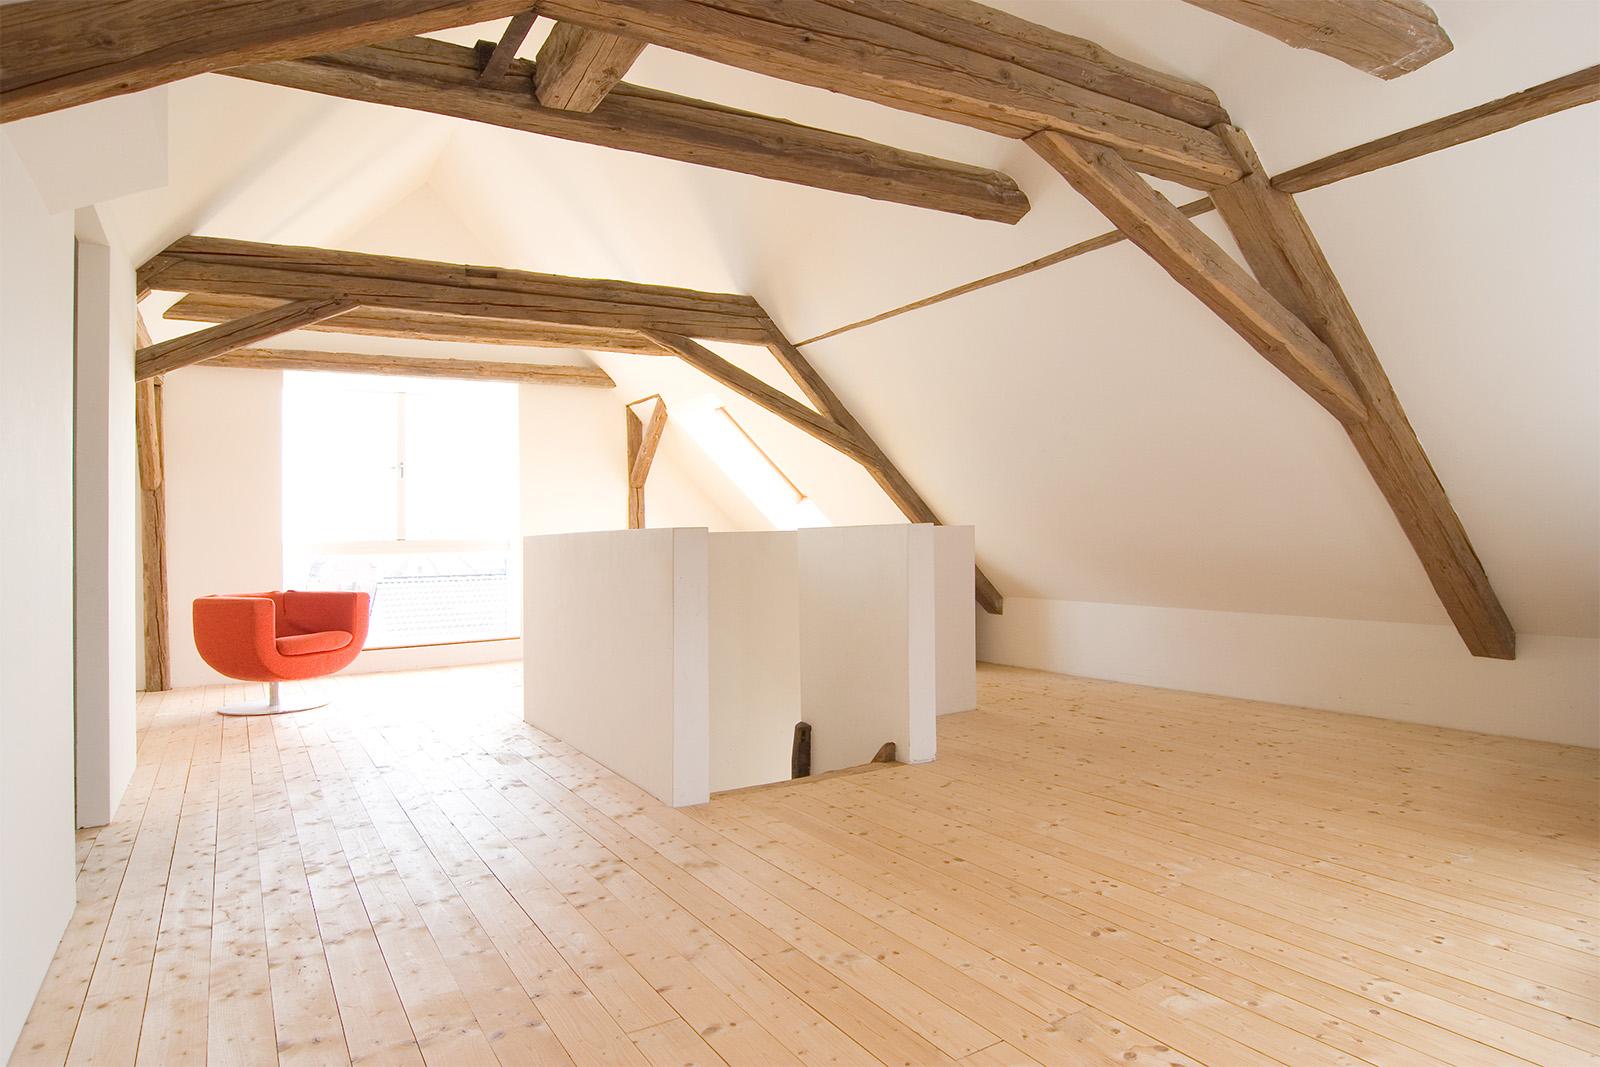 110509_052_ffm_wohnhaus_tovar_atelier